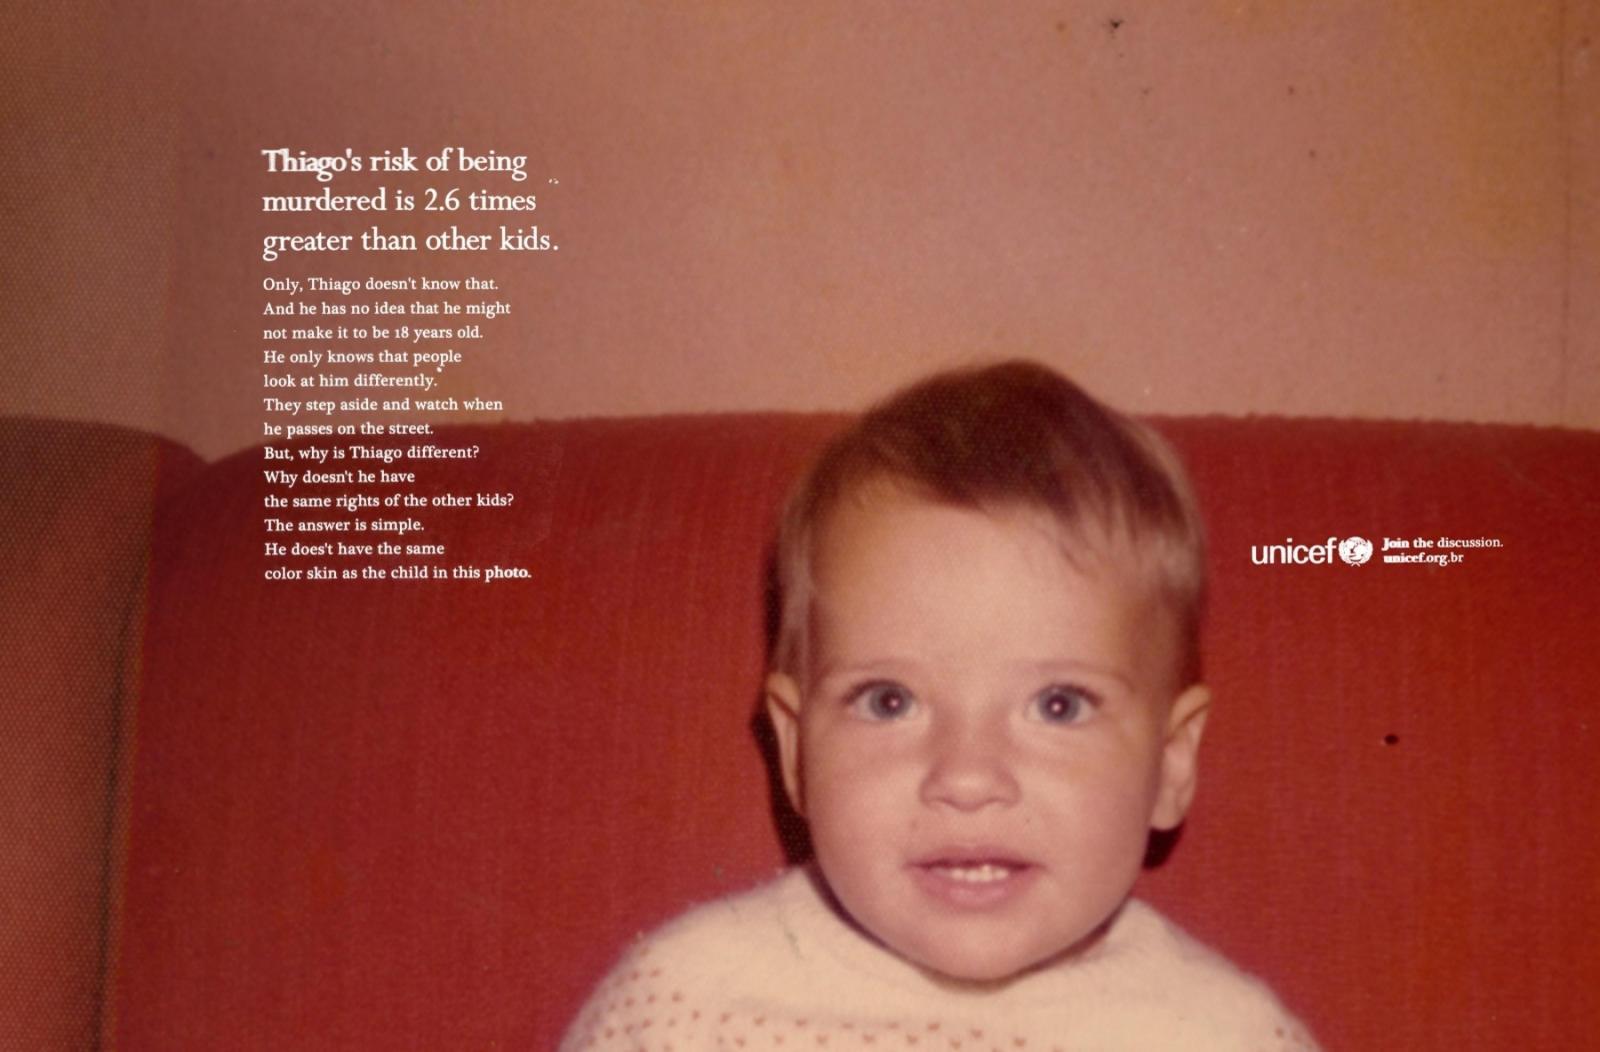 Unicef_Thiago (AoTW)